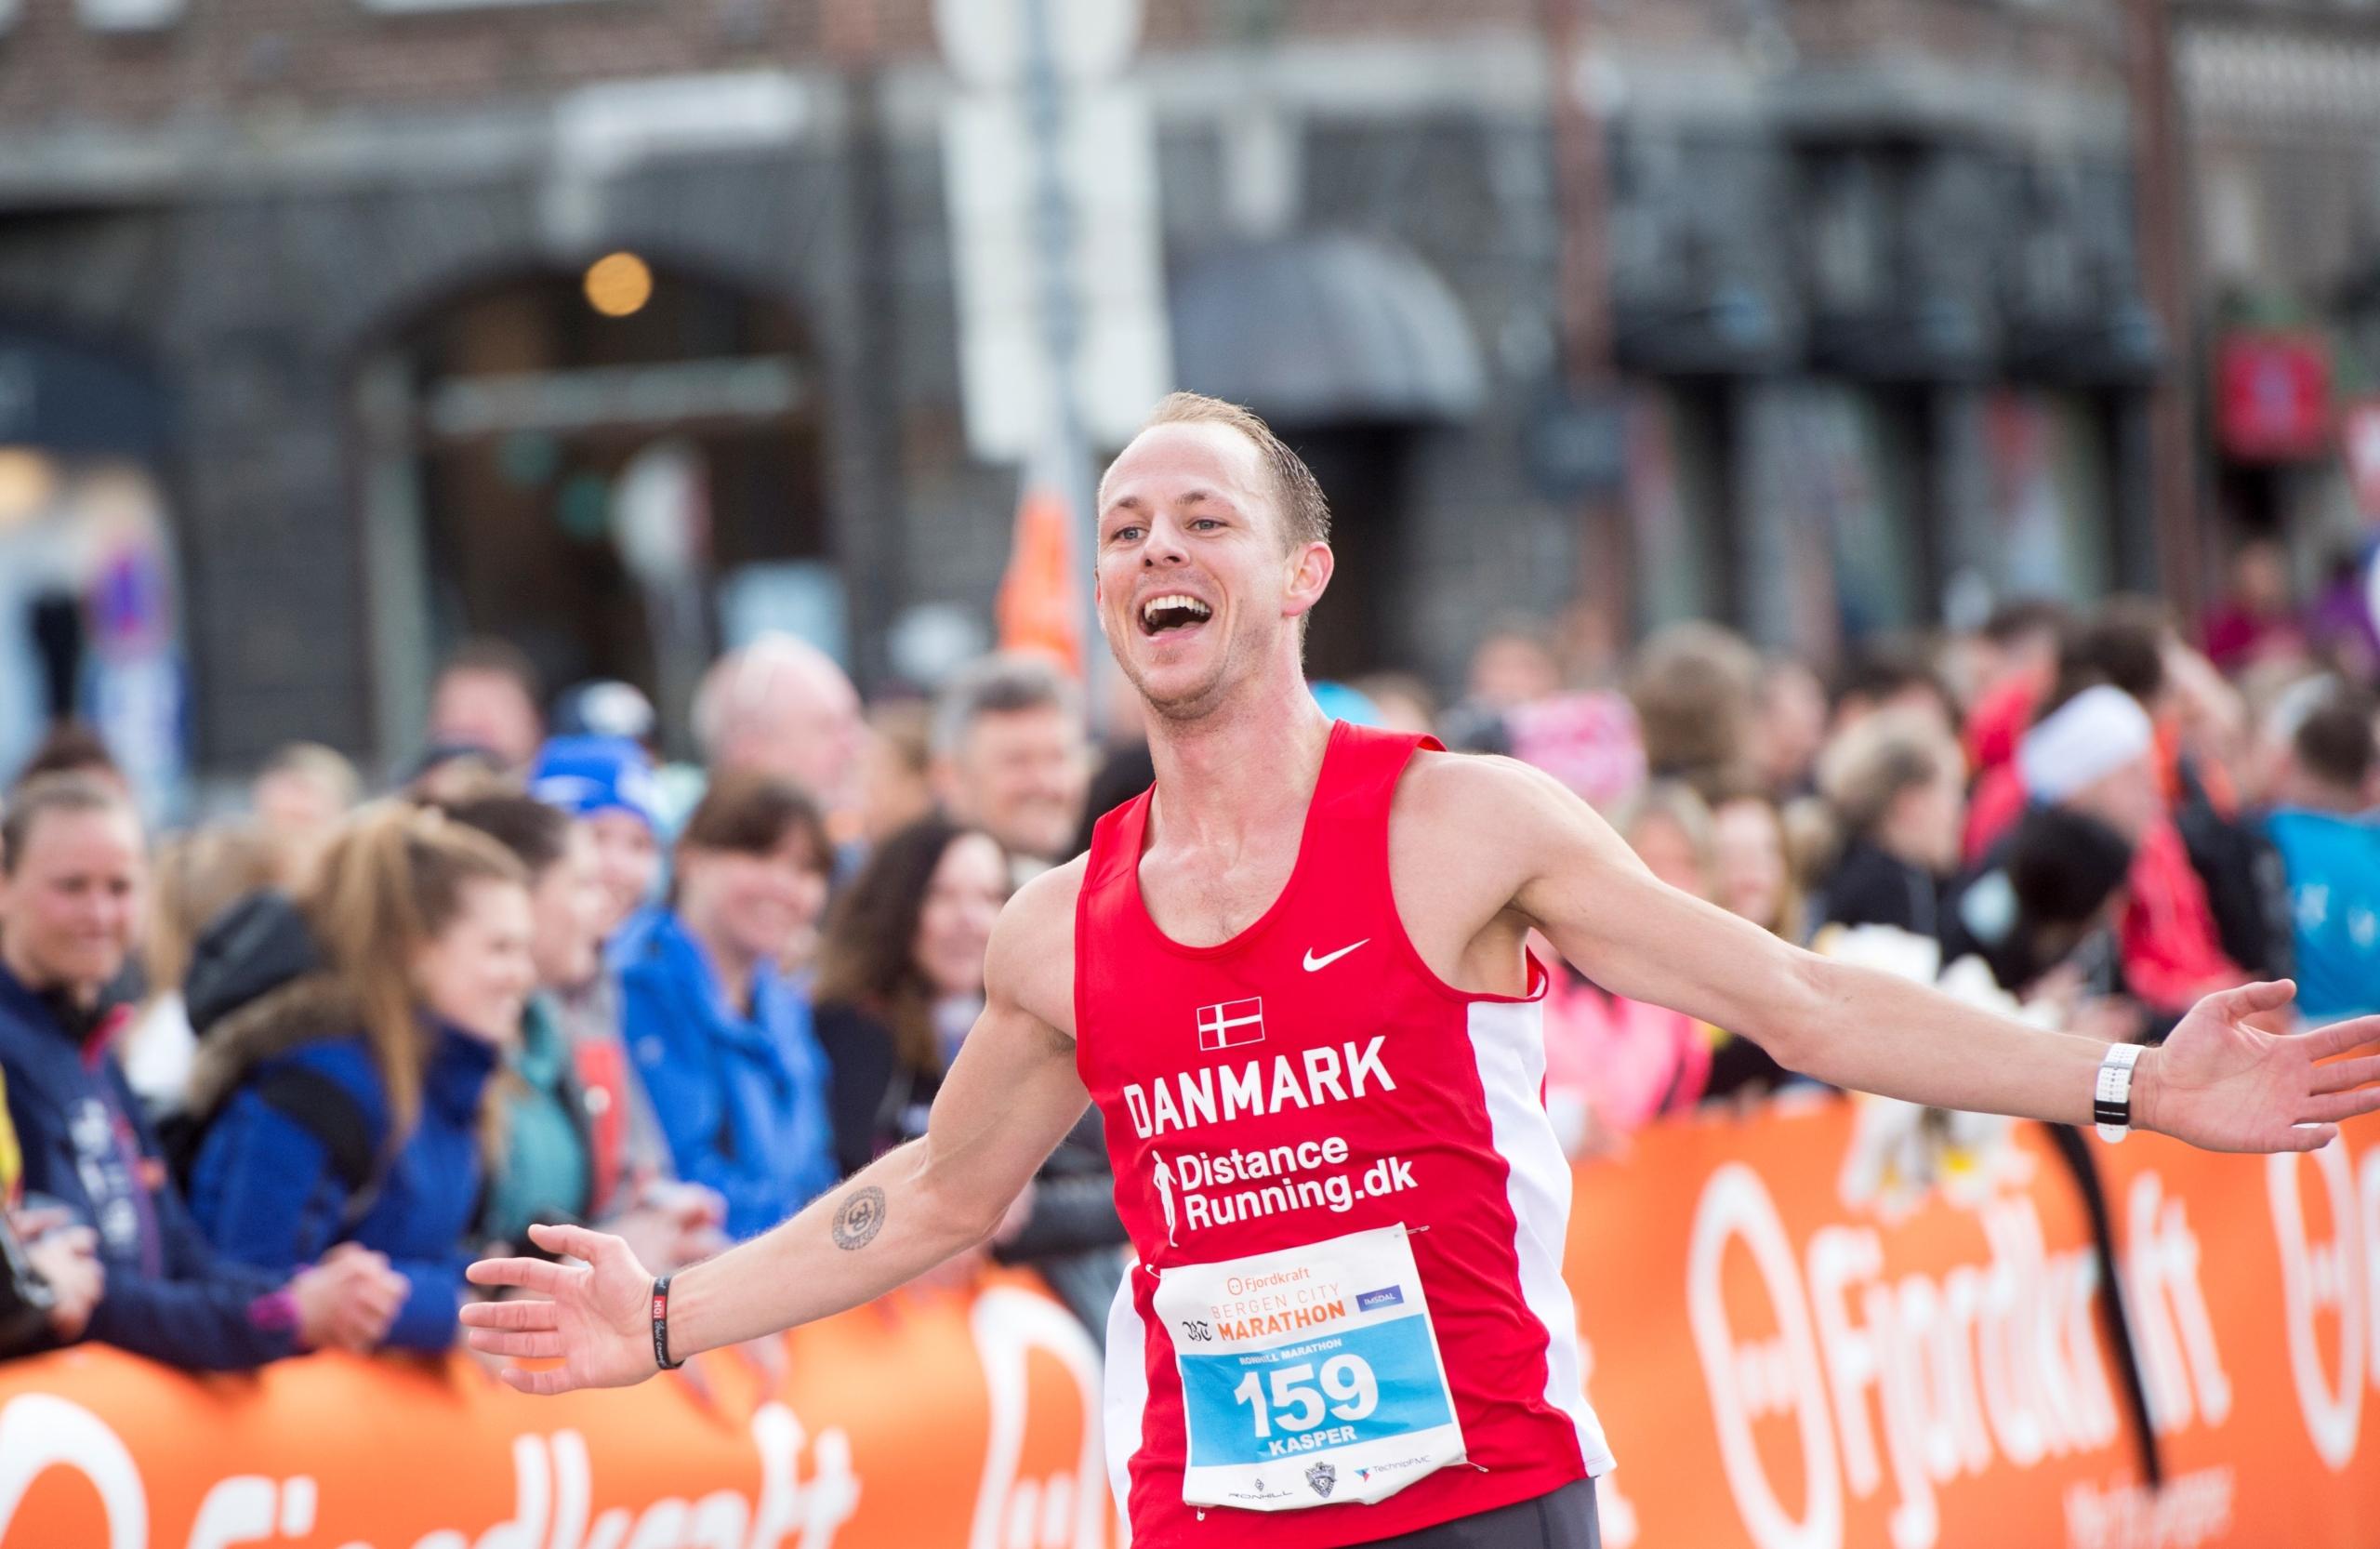 Kasper Brandt Slettebakken